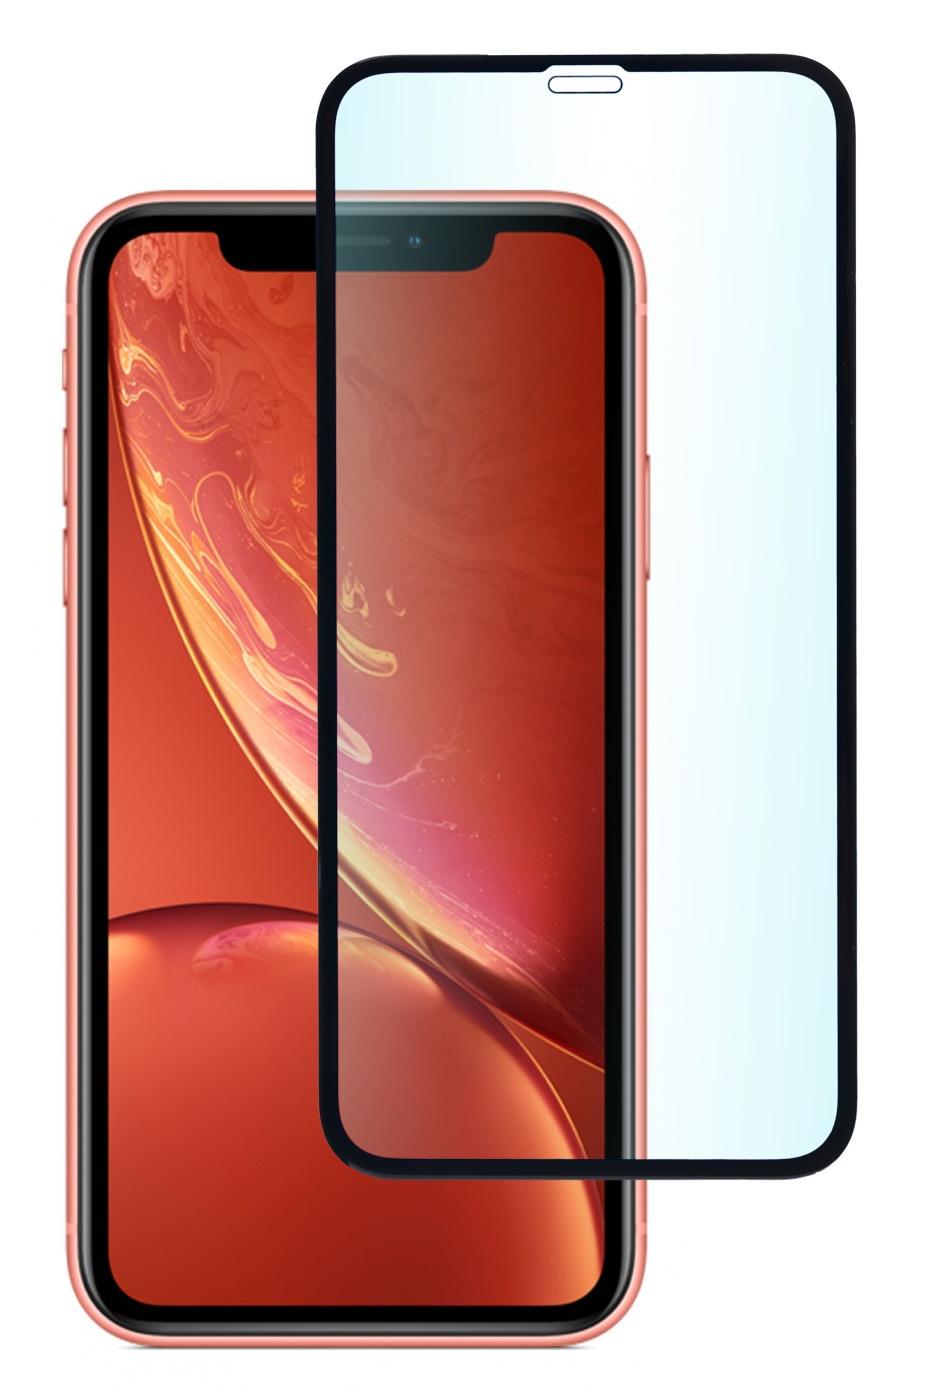 Фото - Защитное стекло skinBOX 3D full glue, 4630042522633, черный защитное стекло для экрана redline full screen full glue черный для apple iphone xr 1шт ут000016086